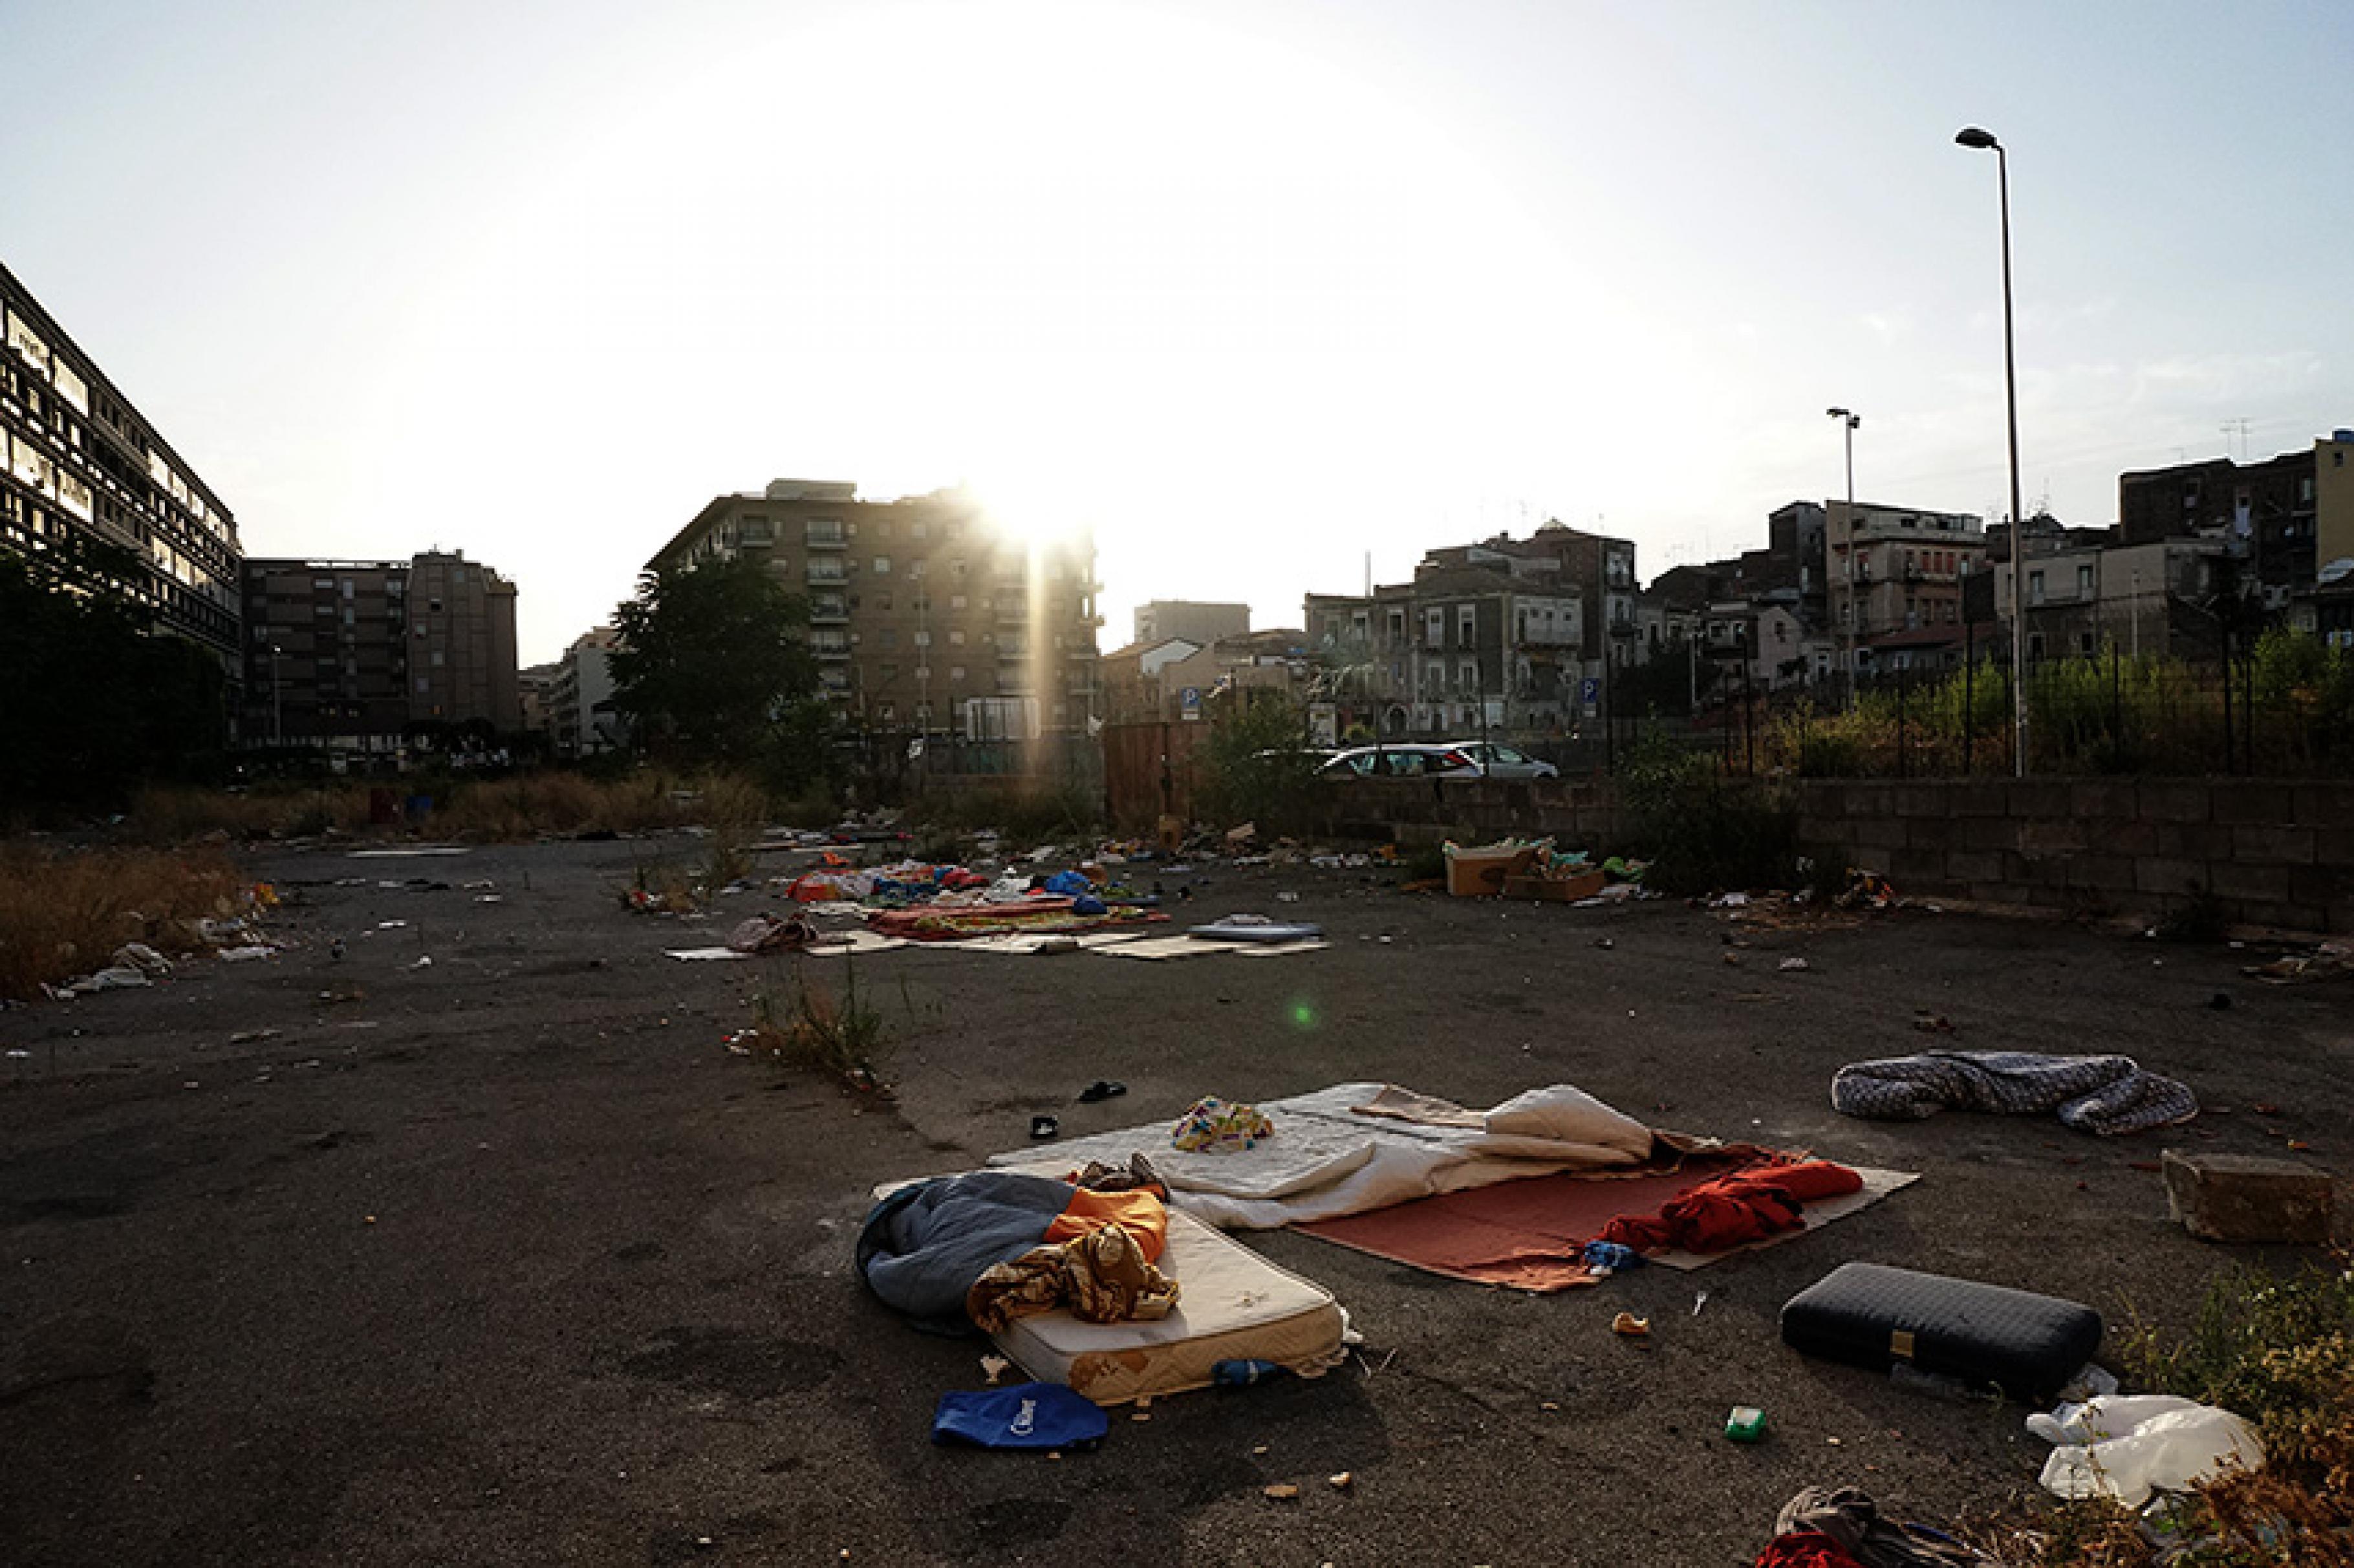 Notdürftige Schlafplätze umringt von Müll auf einer verwahrlosten Brache